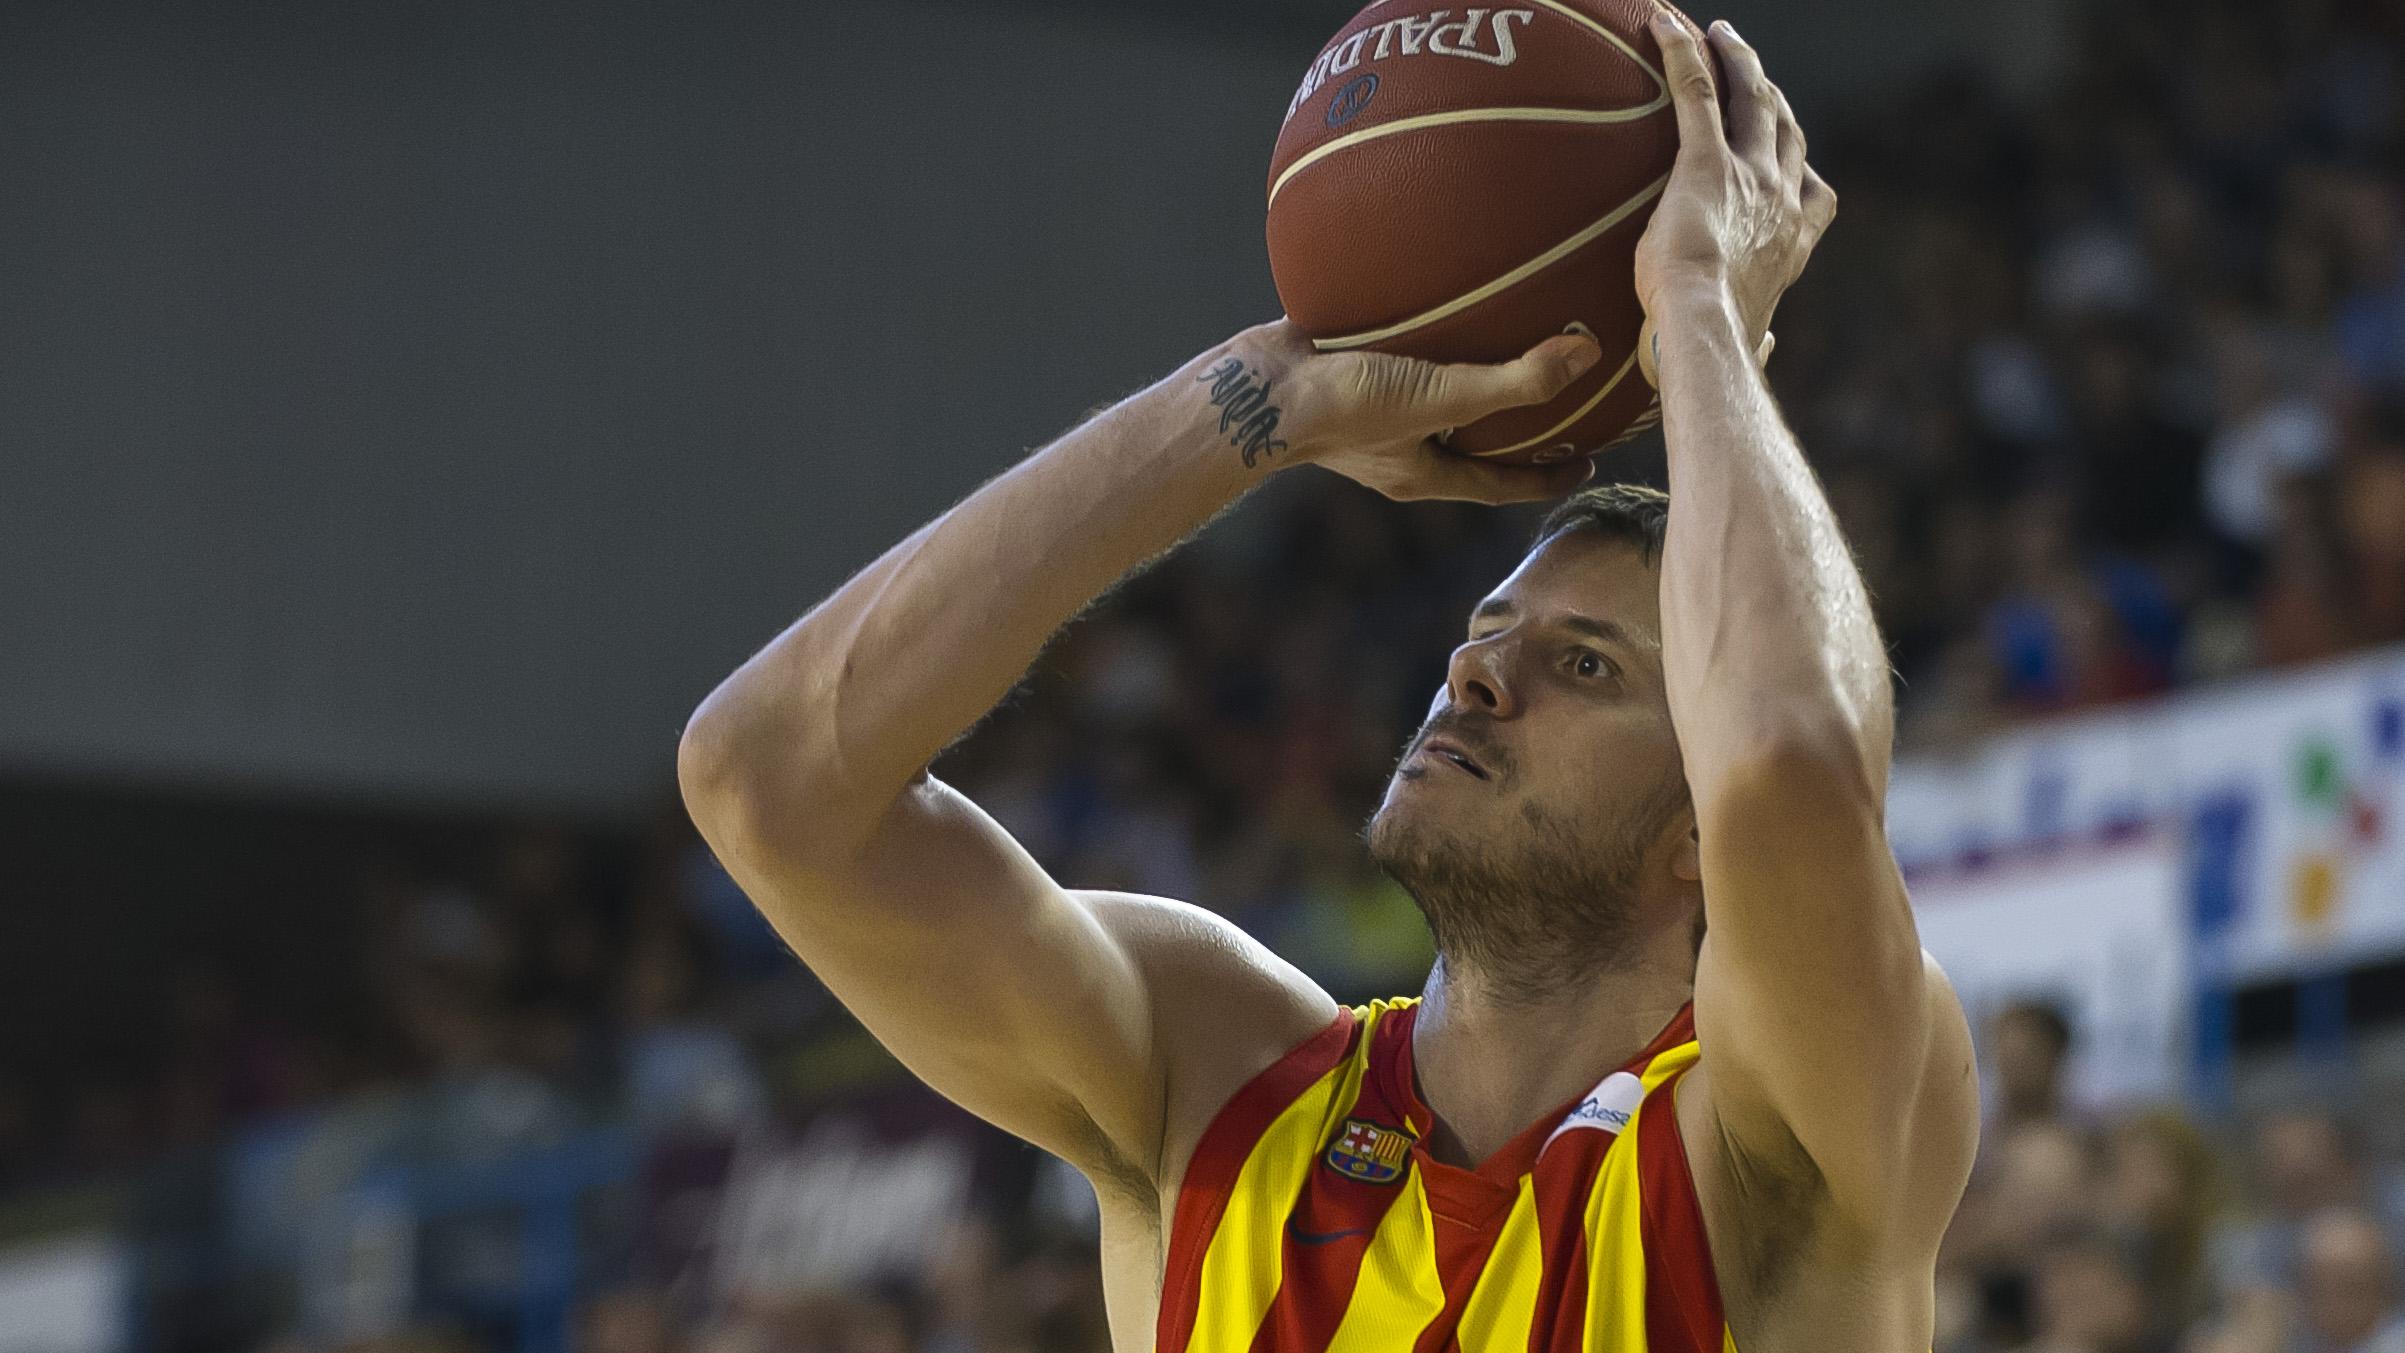 Boštjan je po Italiji, ZDA, Rusiji, Turčiji in Nemčiji, zadnji dve sezoni v Evropi igral še v Španiji.